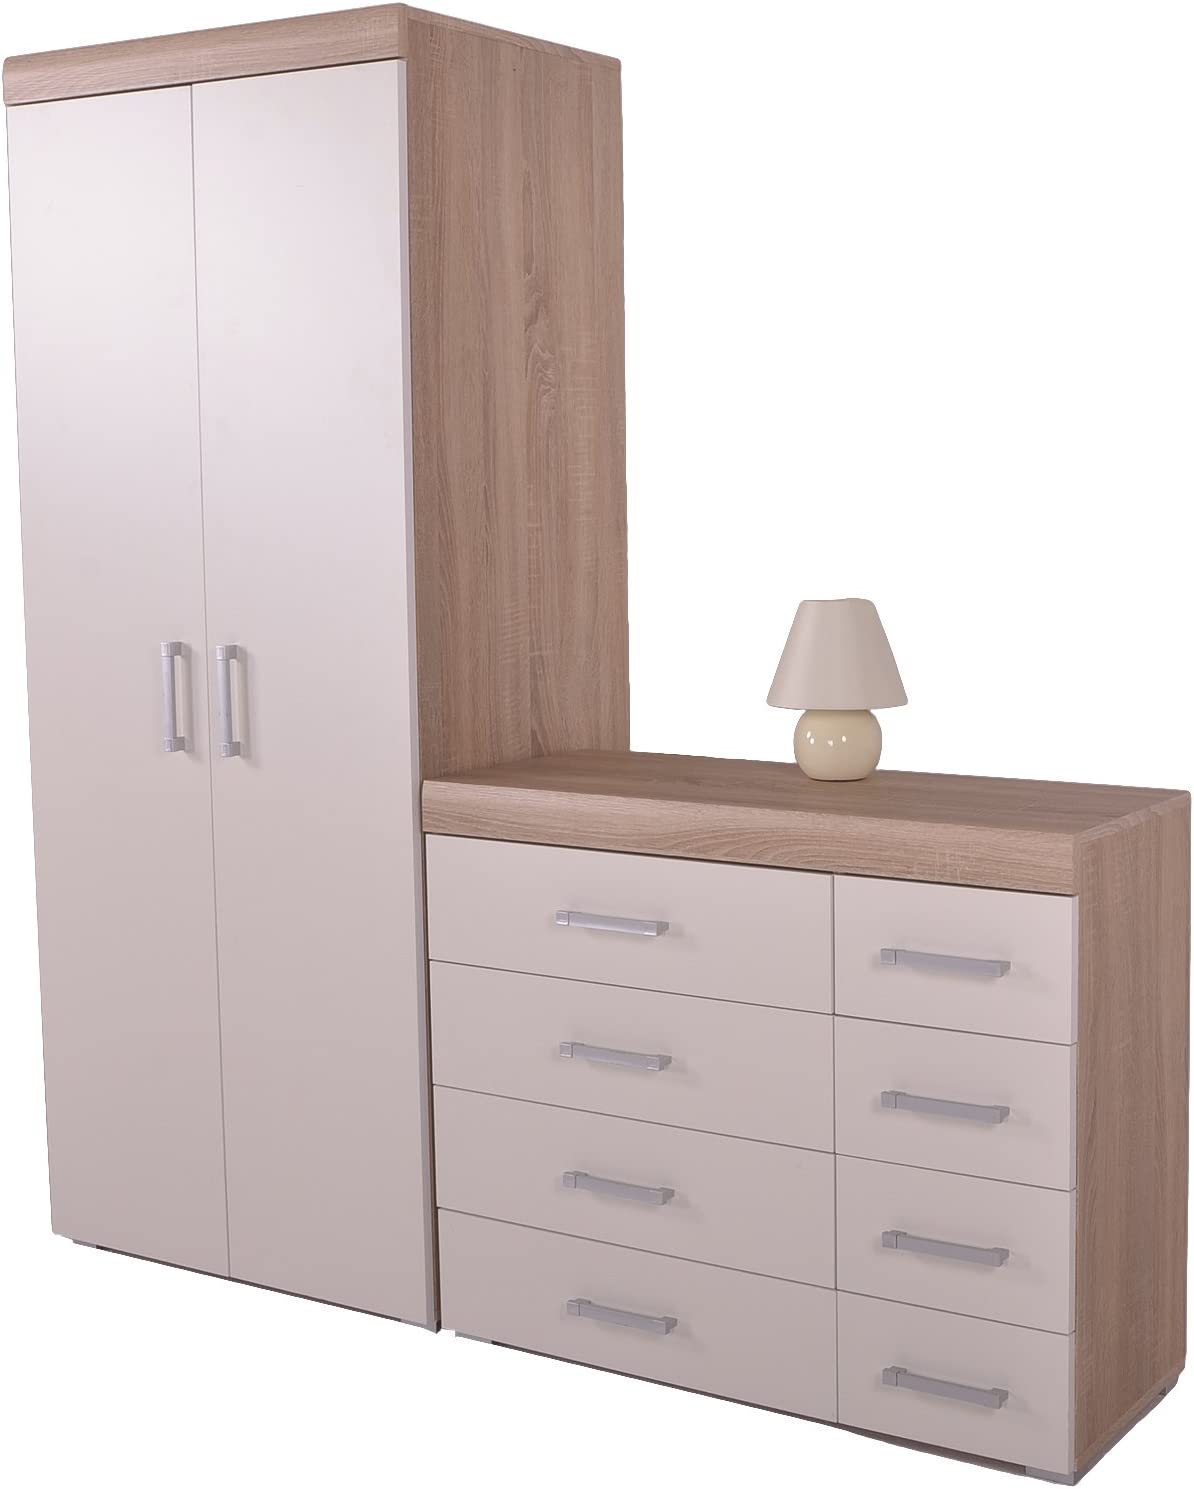 DP White /& Oak 4+4 Drawer Chest /& 2 Drawer Bedside Cabinet Bedroom Furniture 8